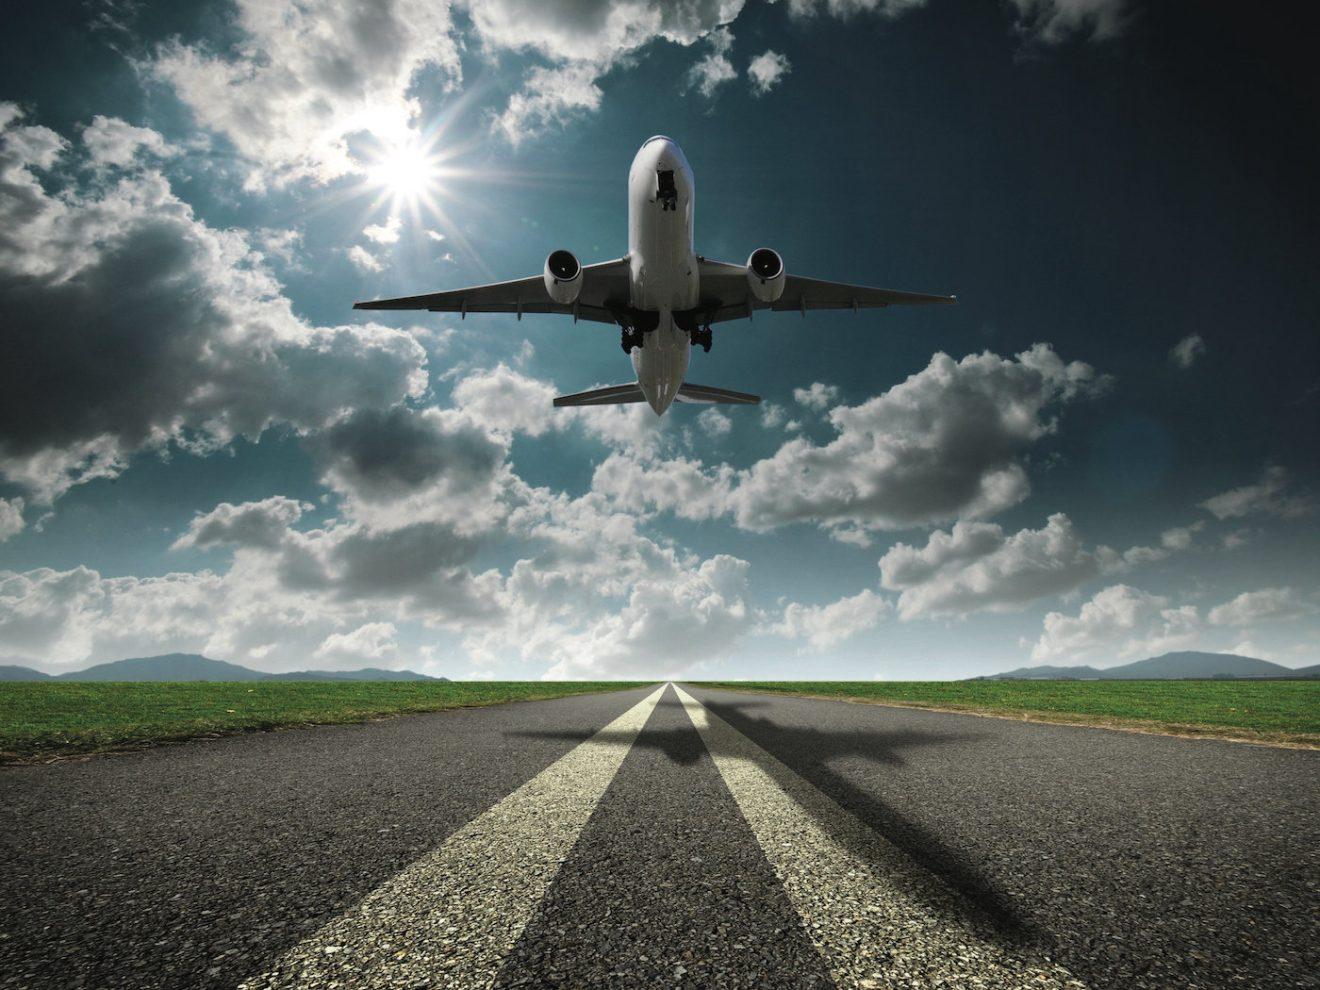 Airbus, Dassault et tous les grands groupes industriels normands répondent présents à l'événement « visibilité »  de NAE